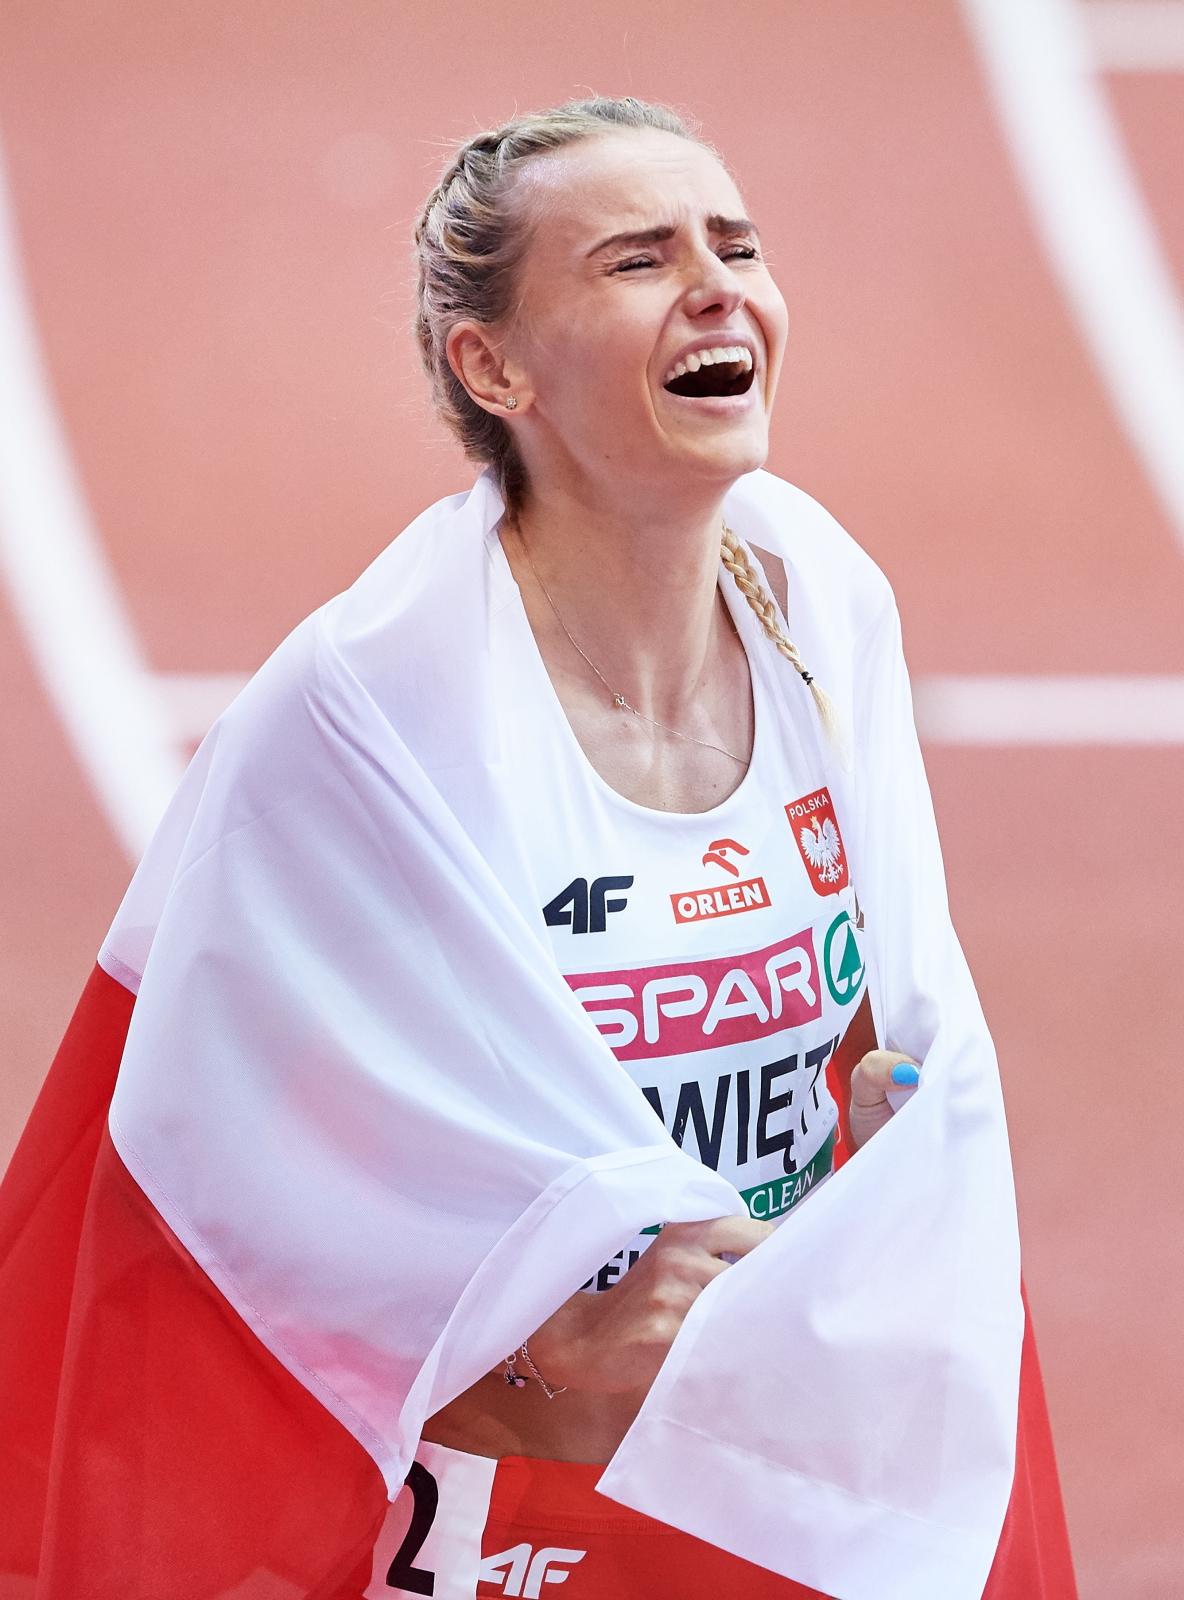 Polka Justyna Święty zdobyła brązowy medal w biegu na 400 metrów podczas halowych Mistrzostw Europy w lekkiej atletyce w Belgradzie, Serbia.